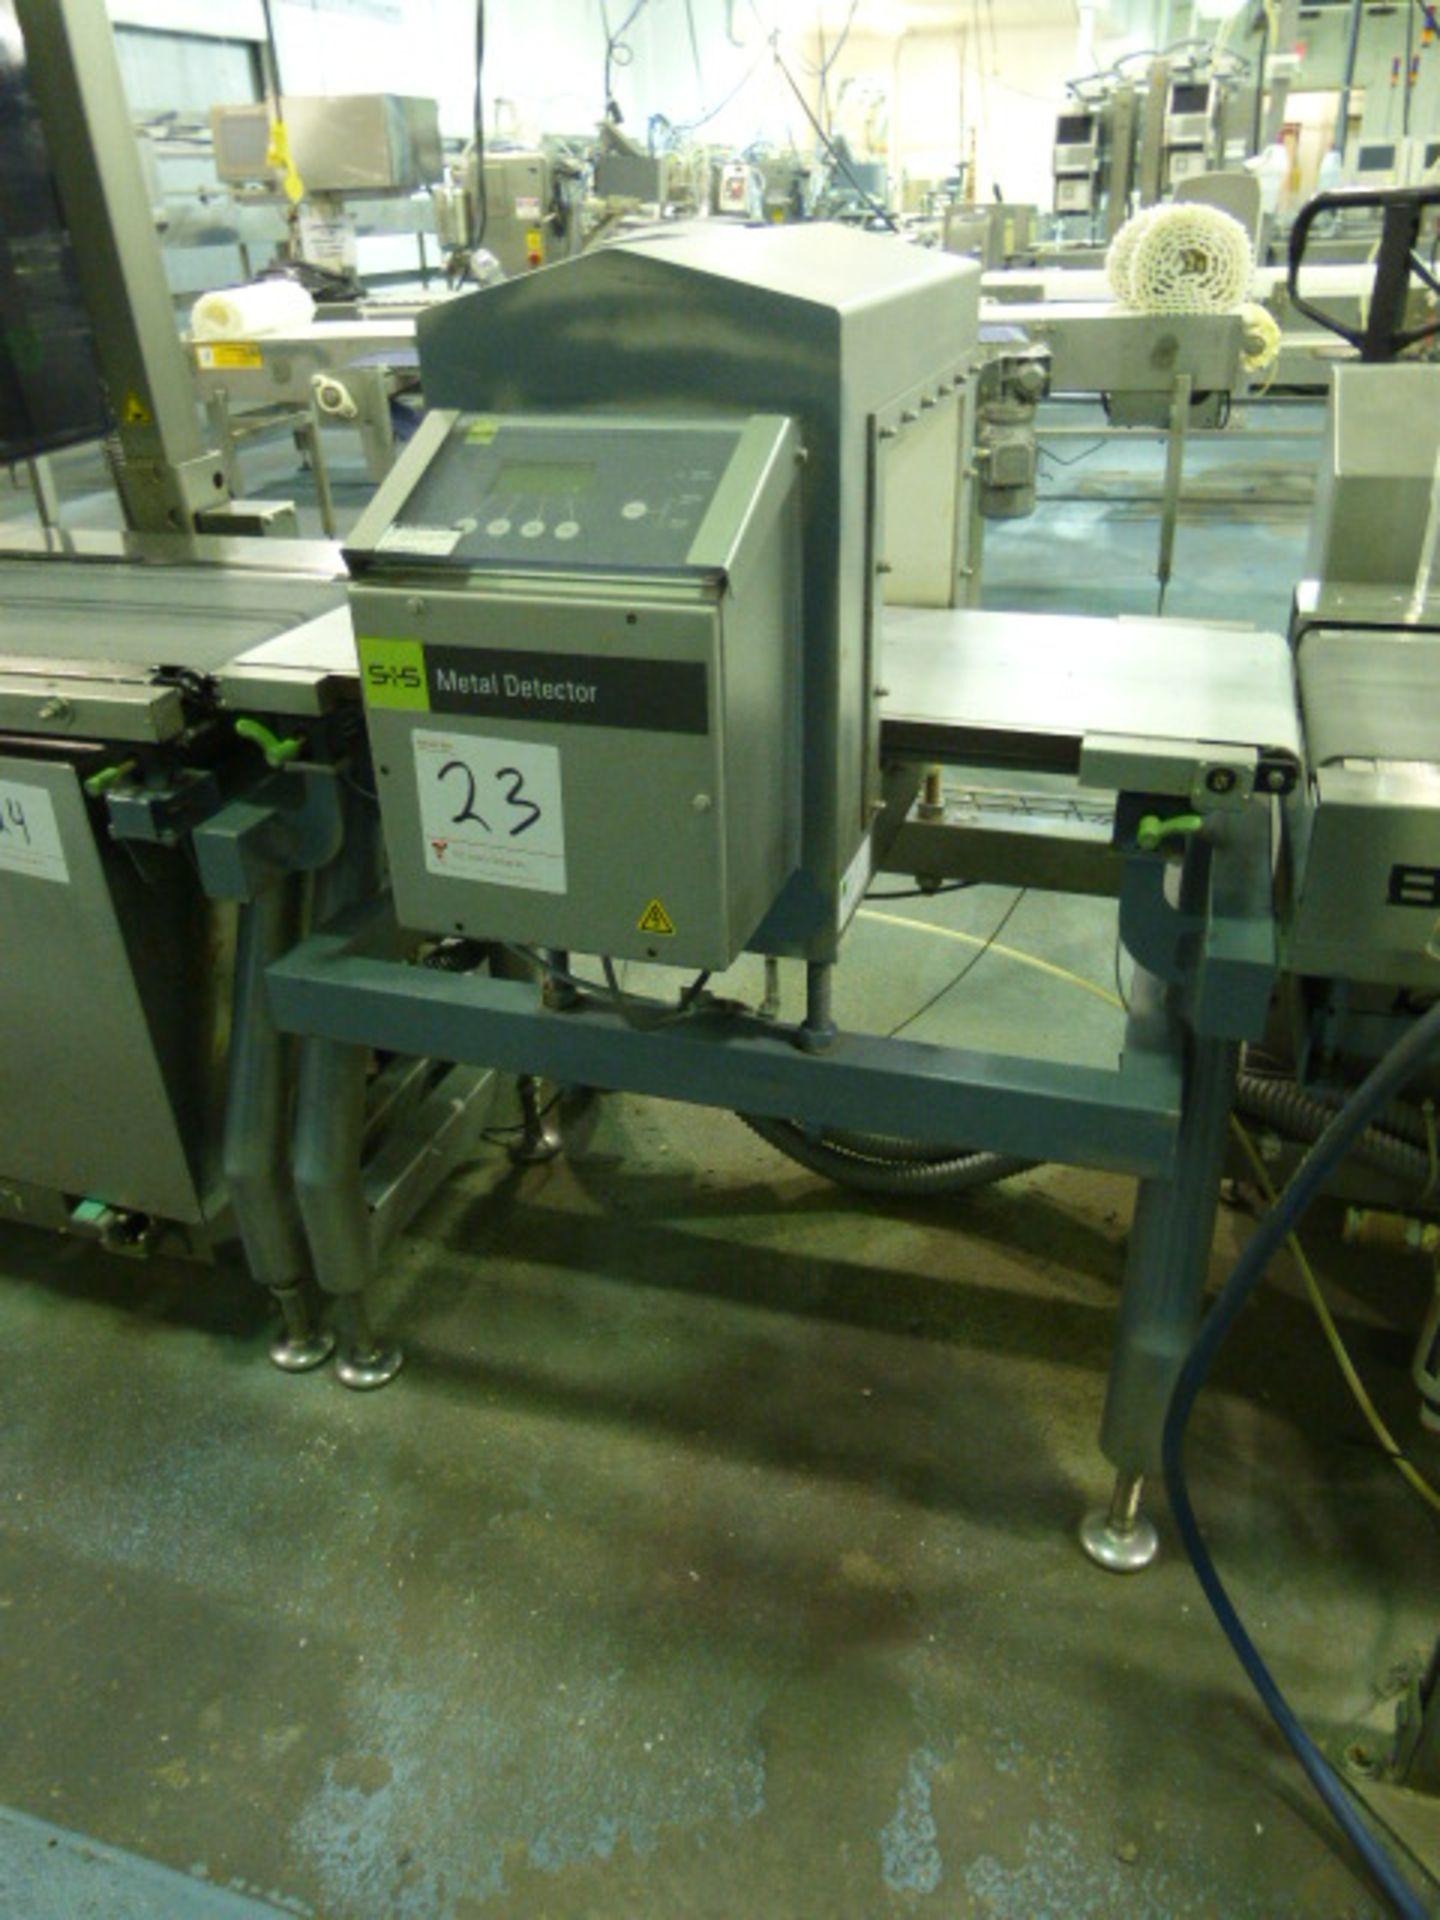 Lot 23 - S+S metal detector, type GLS350/250/125/289/143, aperture 13 1/2 in. x 8 in., 3 1/2 ft. long x 1 in.